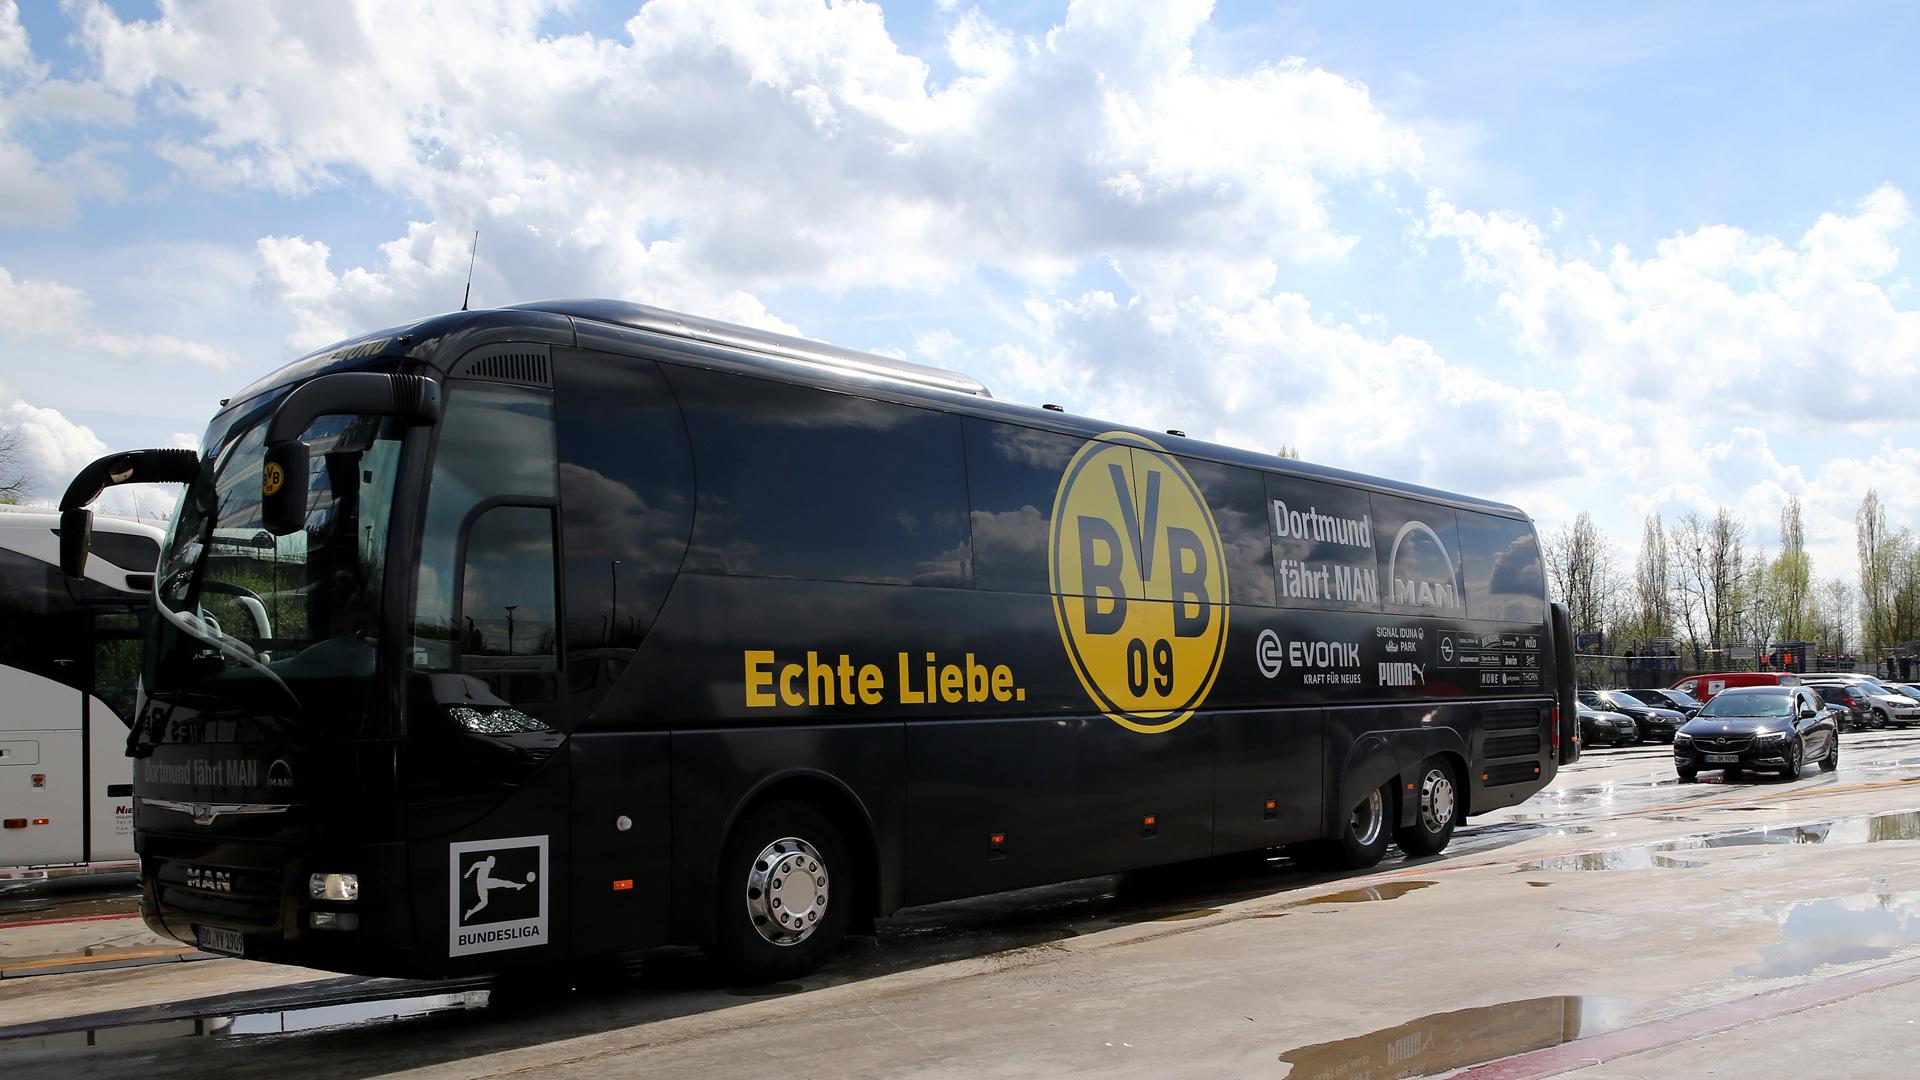 Mannschaftsbus Bvb